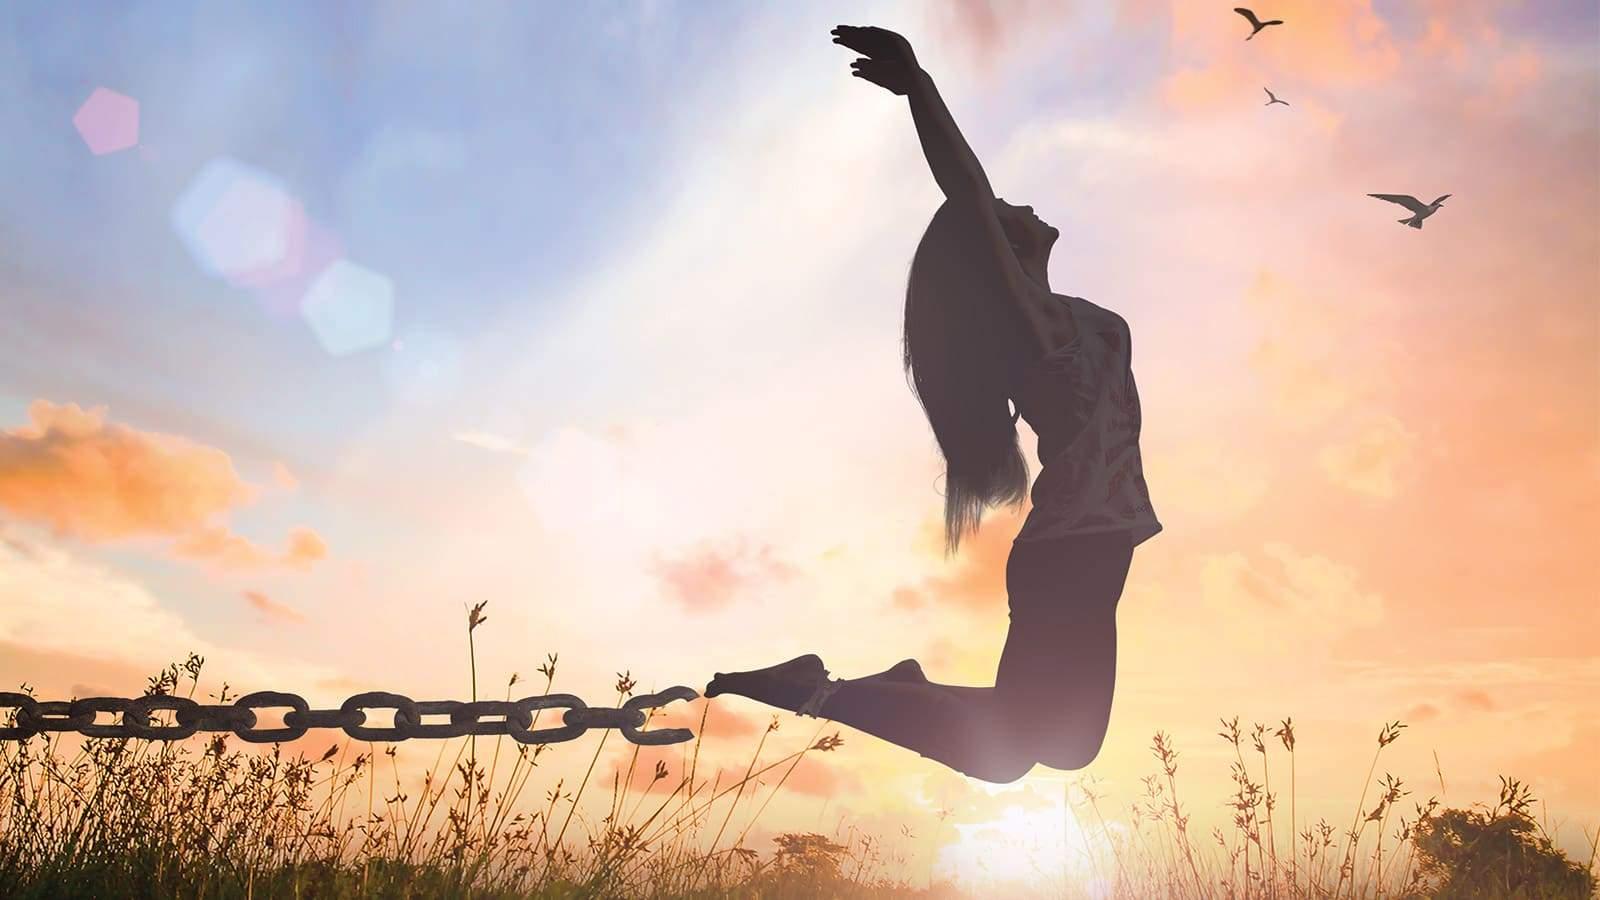 Une femme saute de joie avec les chaîne de l'esclavage détruites.